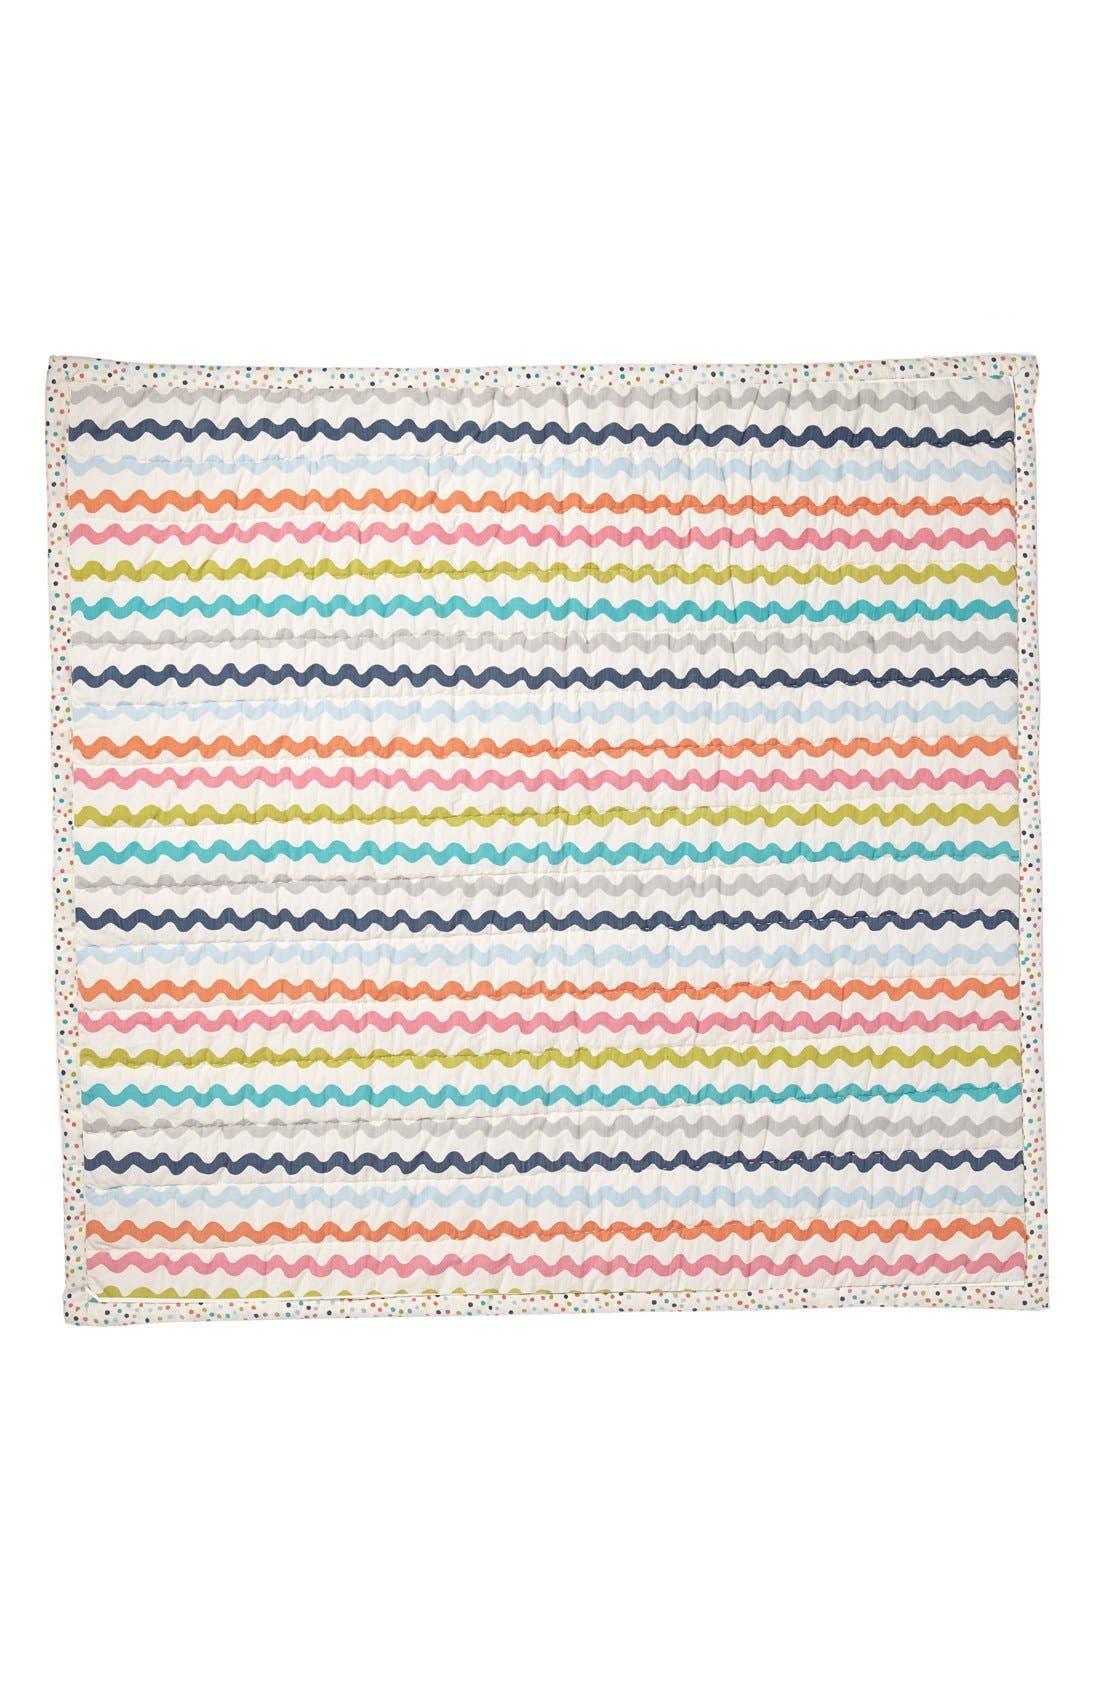 Alternate Image 3  - Petit Pehr 'Hi' Baby Blanket